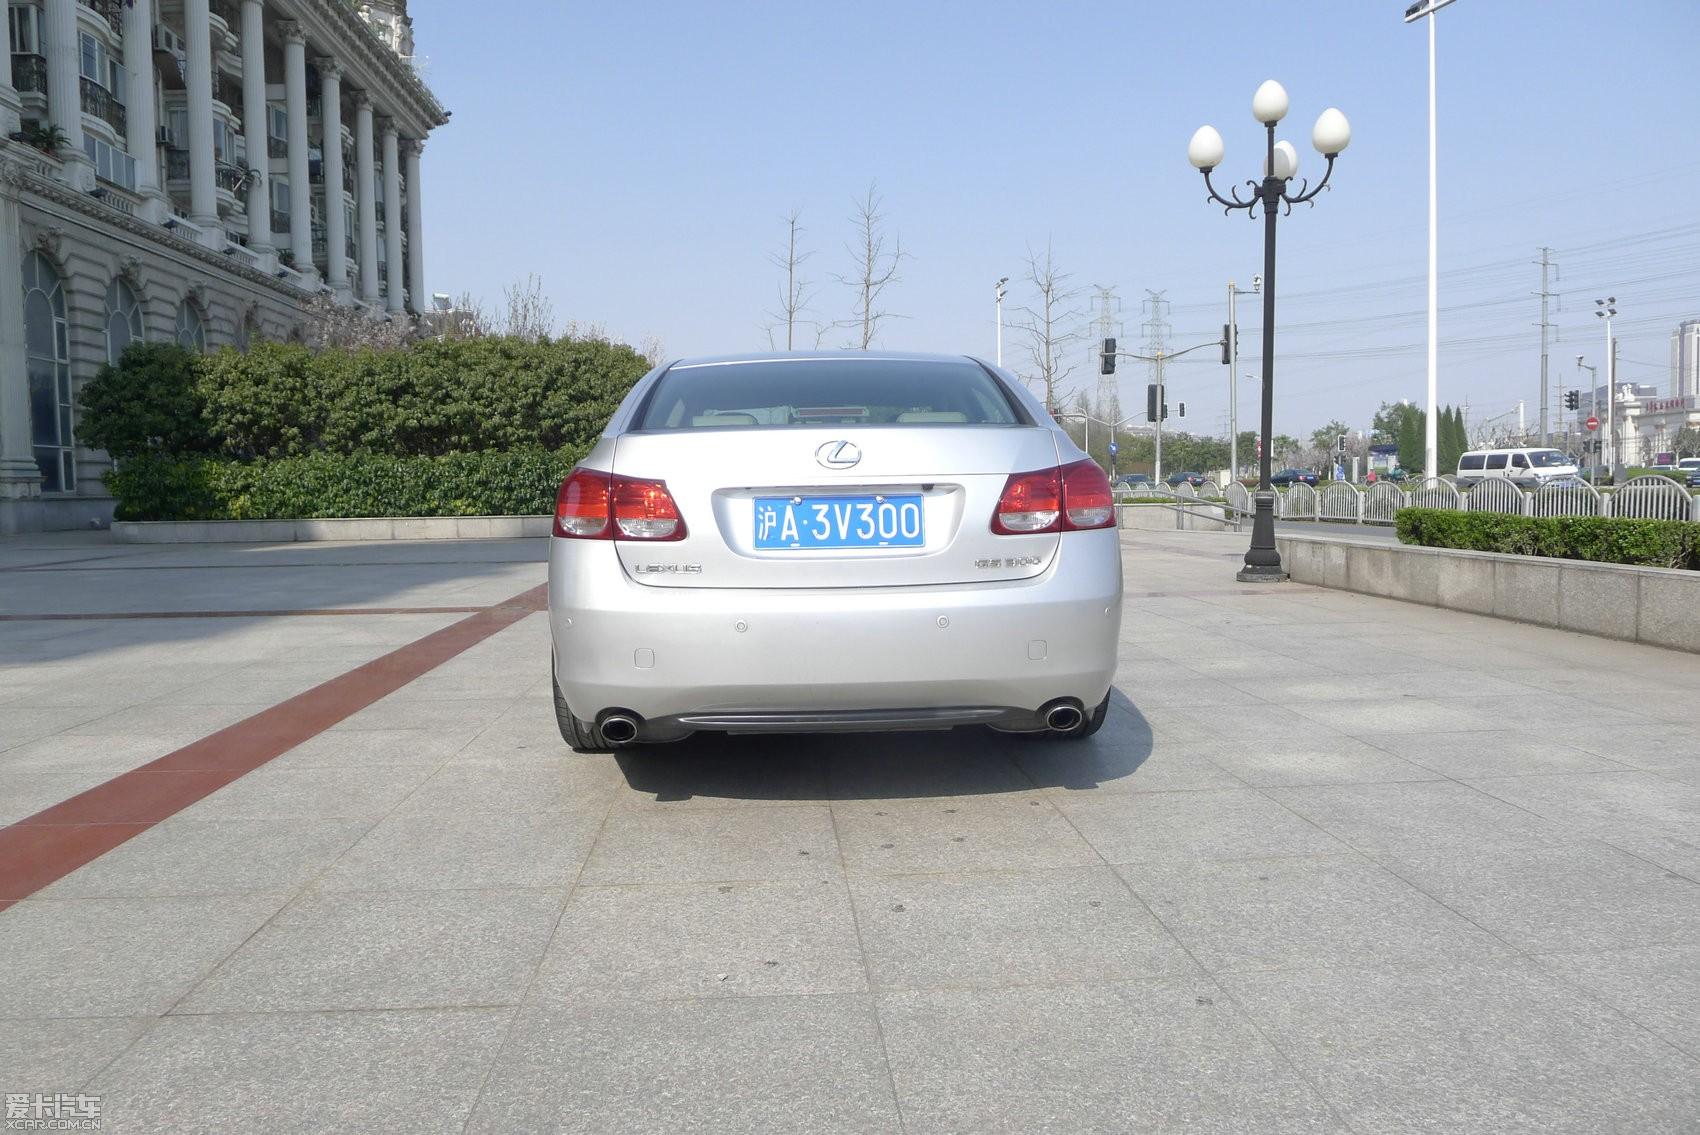 上海出售 雷克萨斯gs300 vip改装 全车原漆 大贸手续高清图片